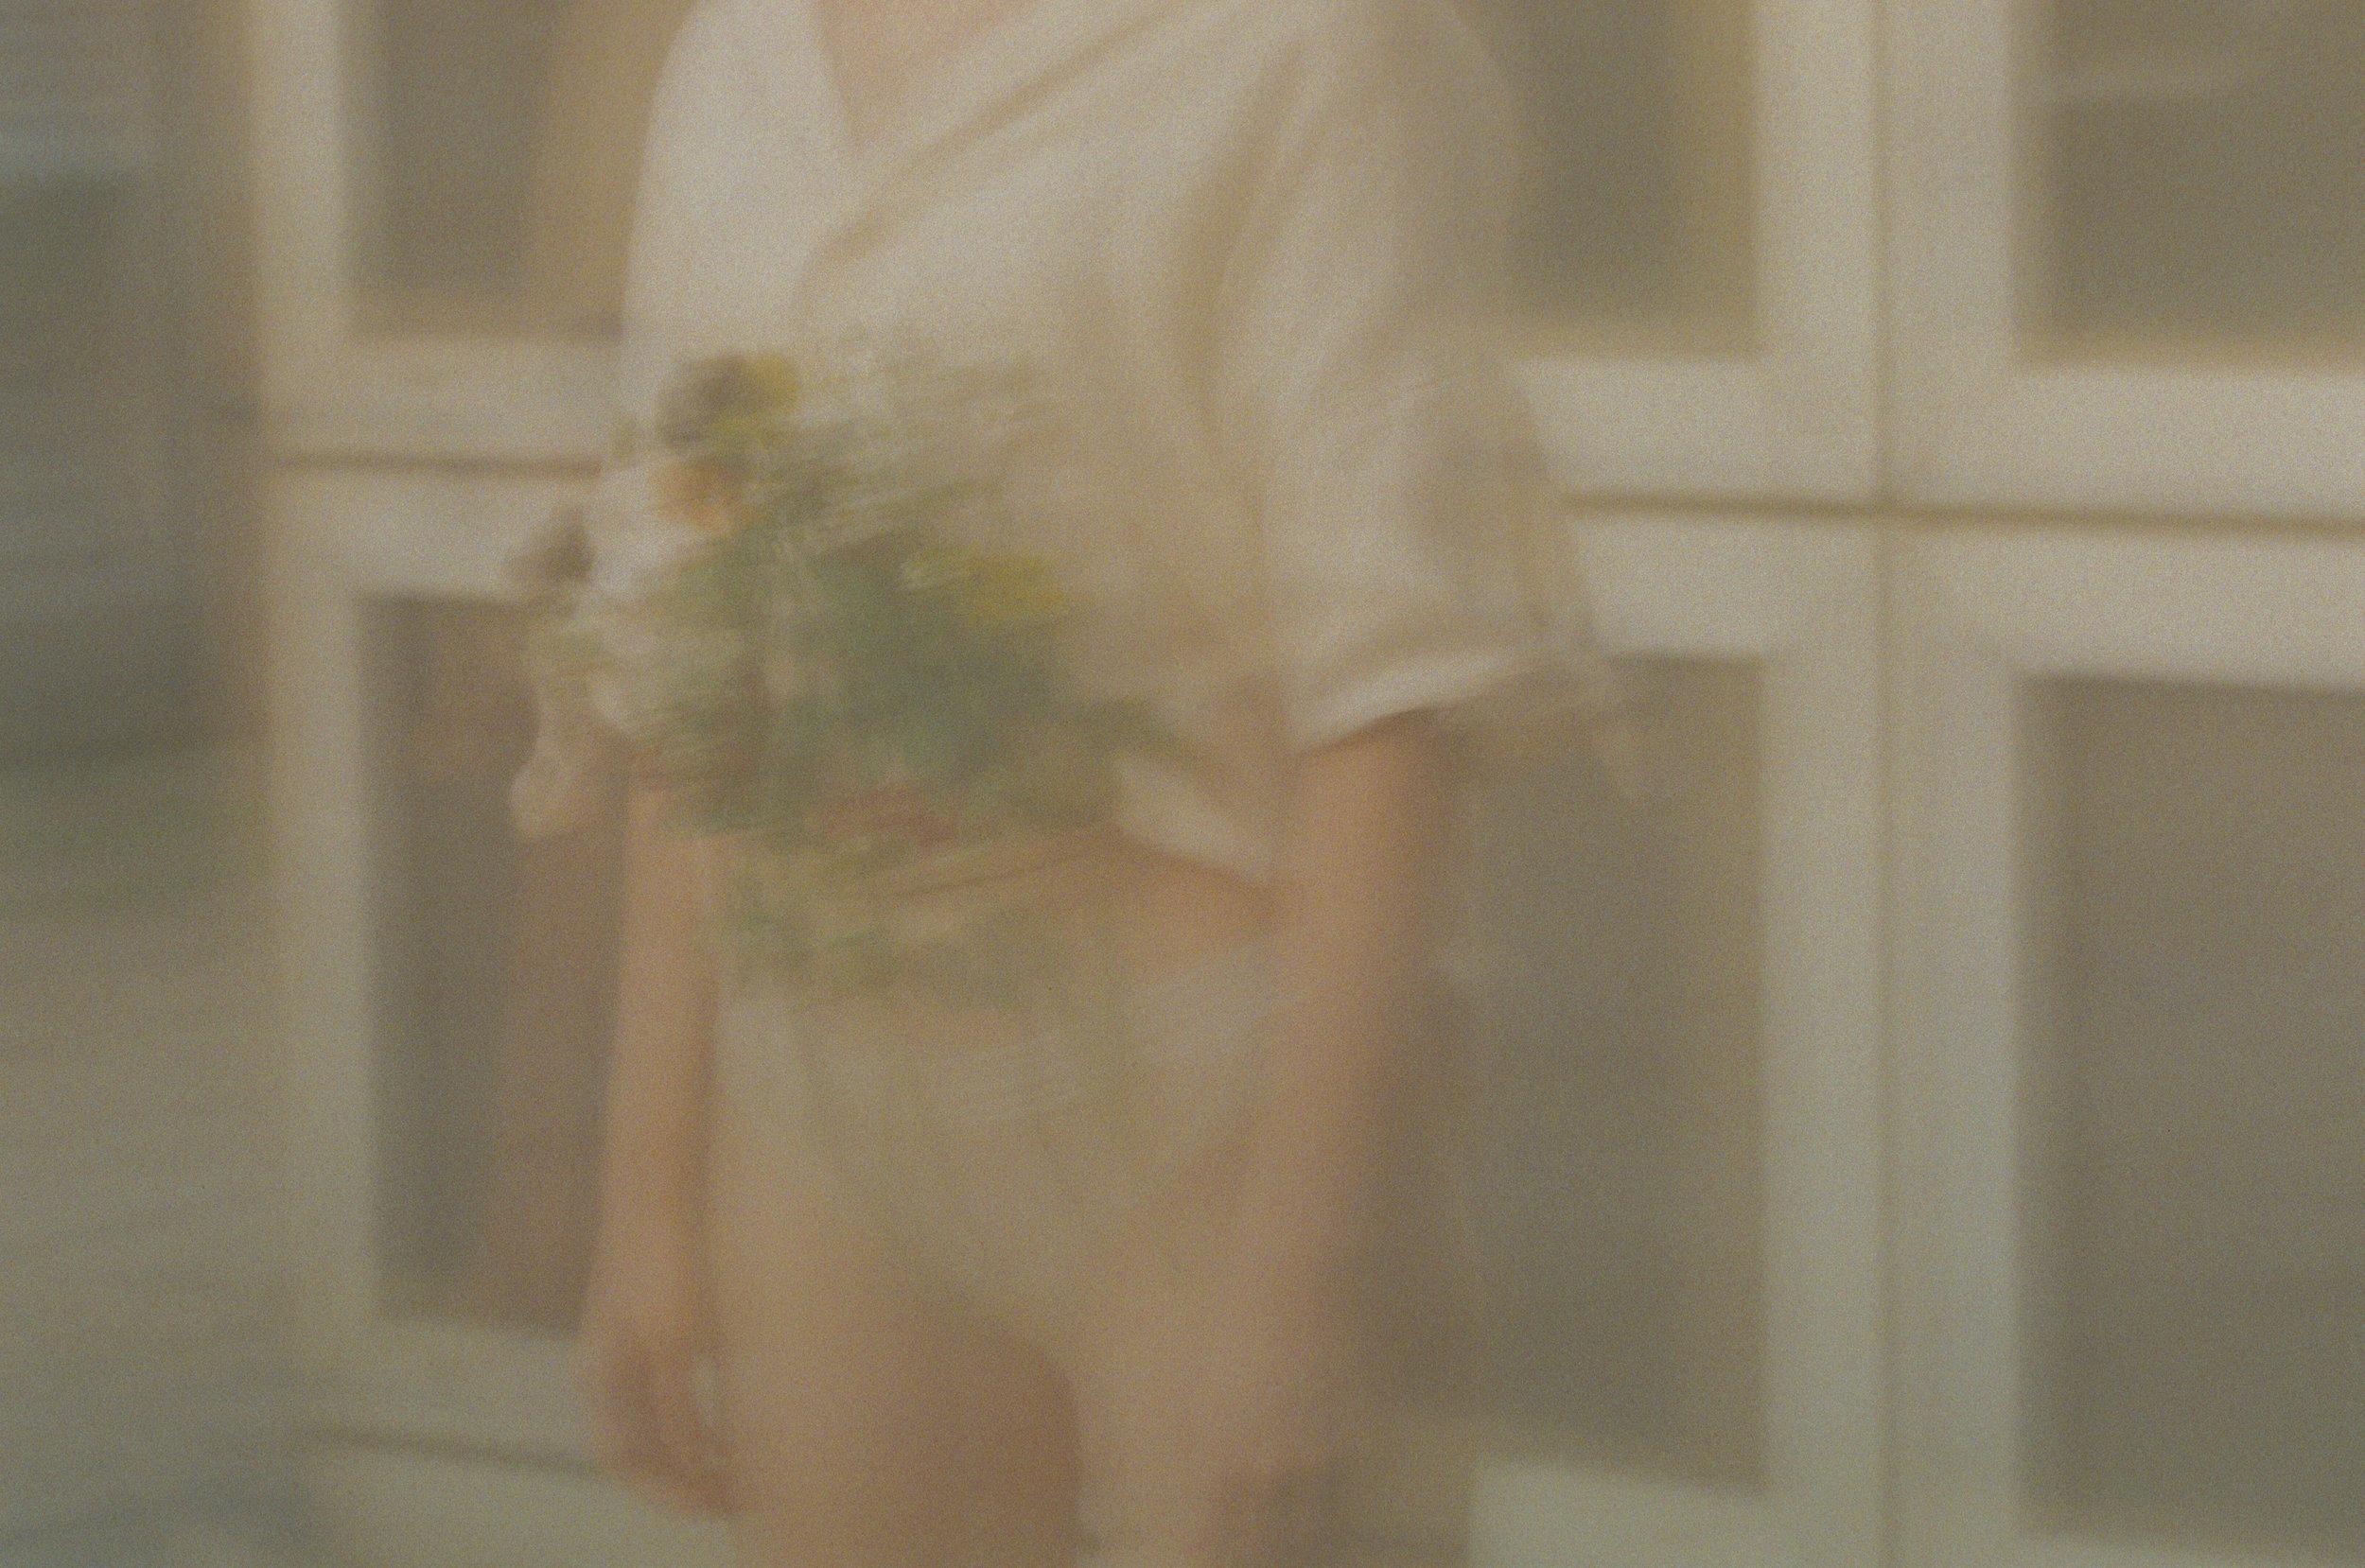 _L_Film2038_09a.jpg